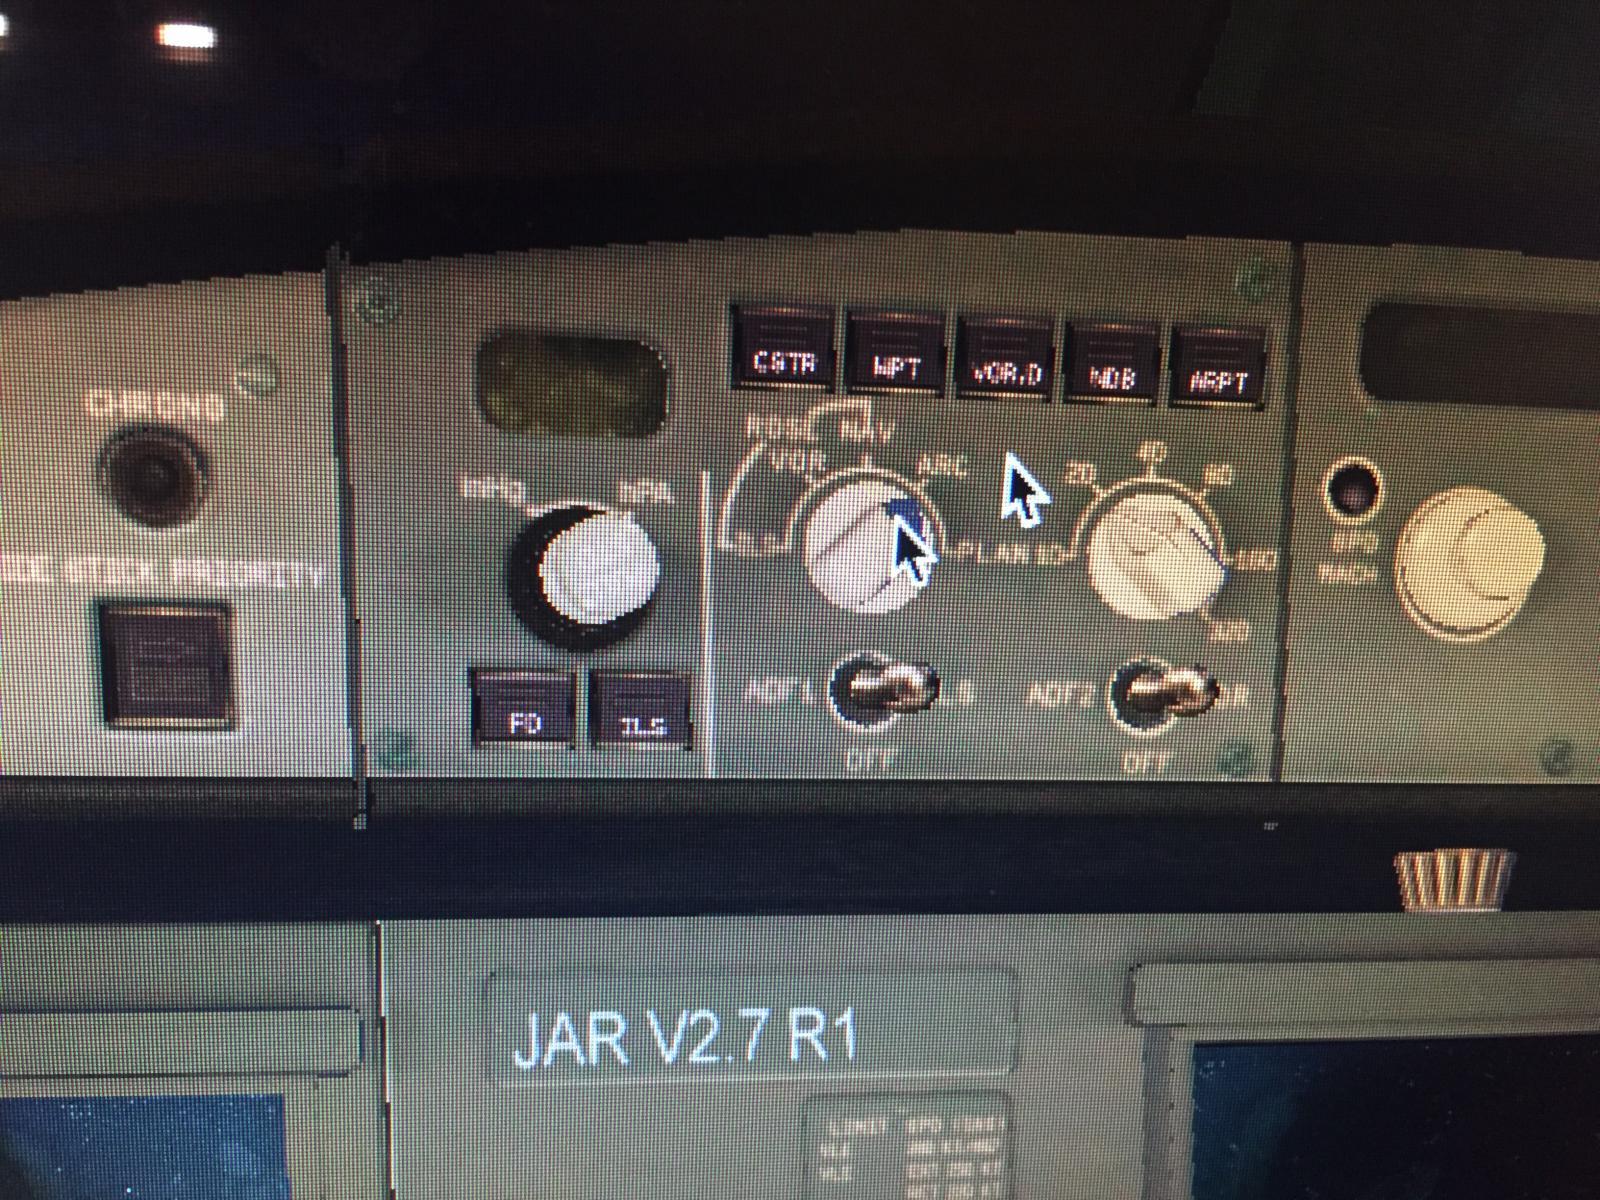 High Sierra update 10 13 1 - A320 by JARDesign - X-Plane Org Forum